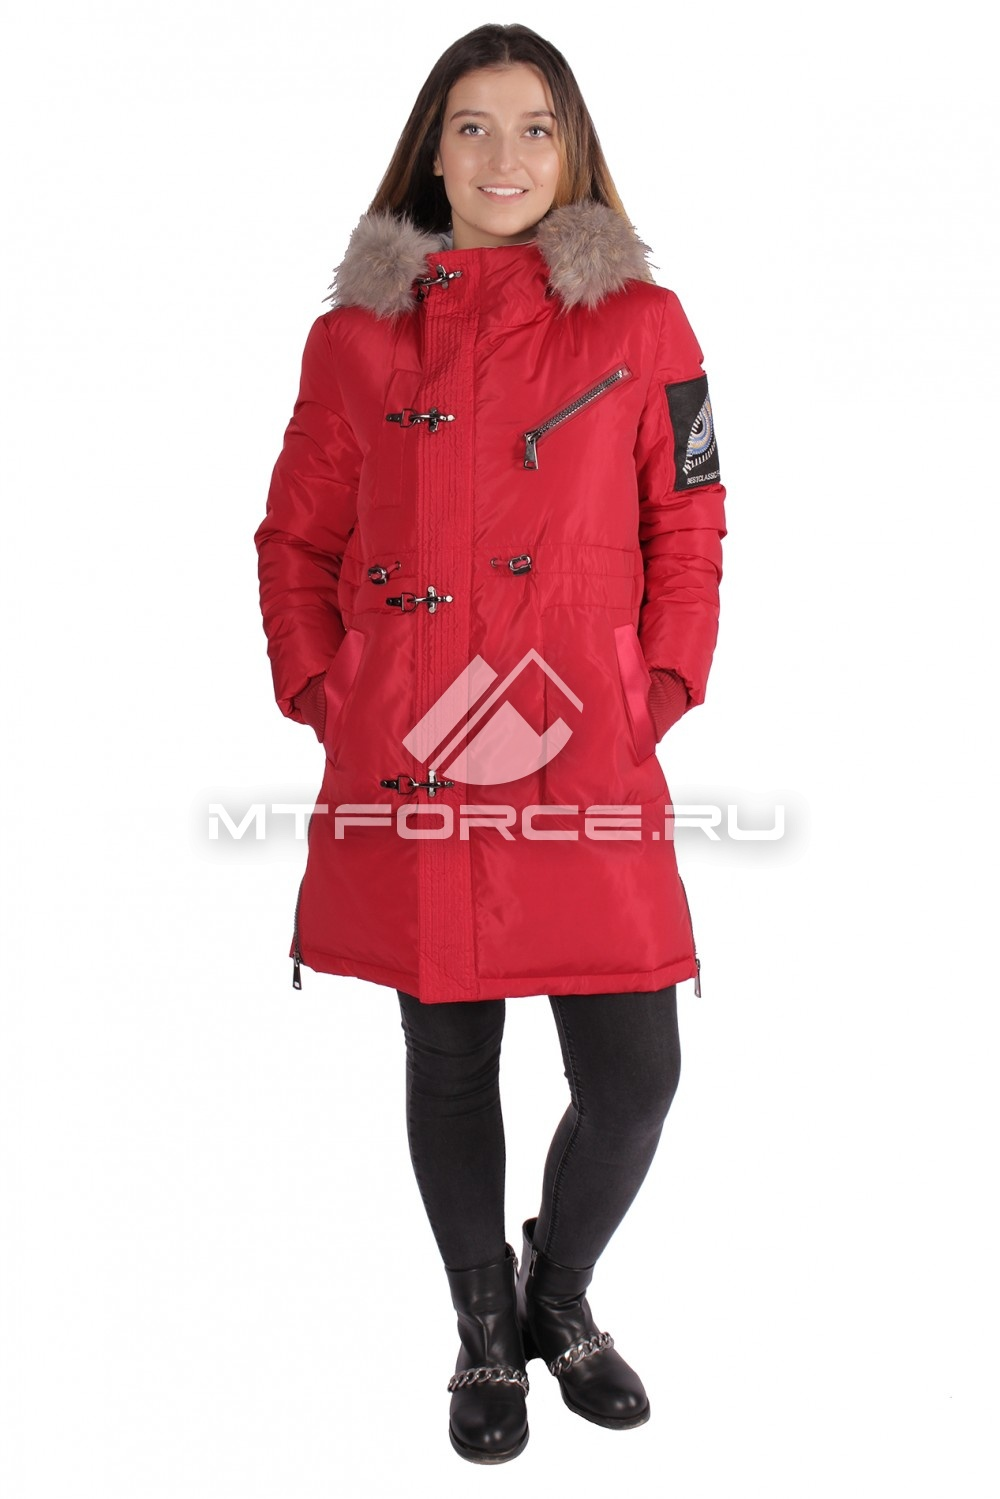 Купить                                  оптом Куртка парка женская зимняя ПИСК сезона красного цвета 16059Kr в Новосибирске